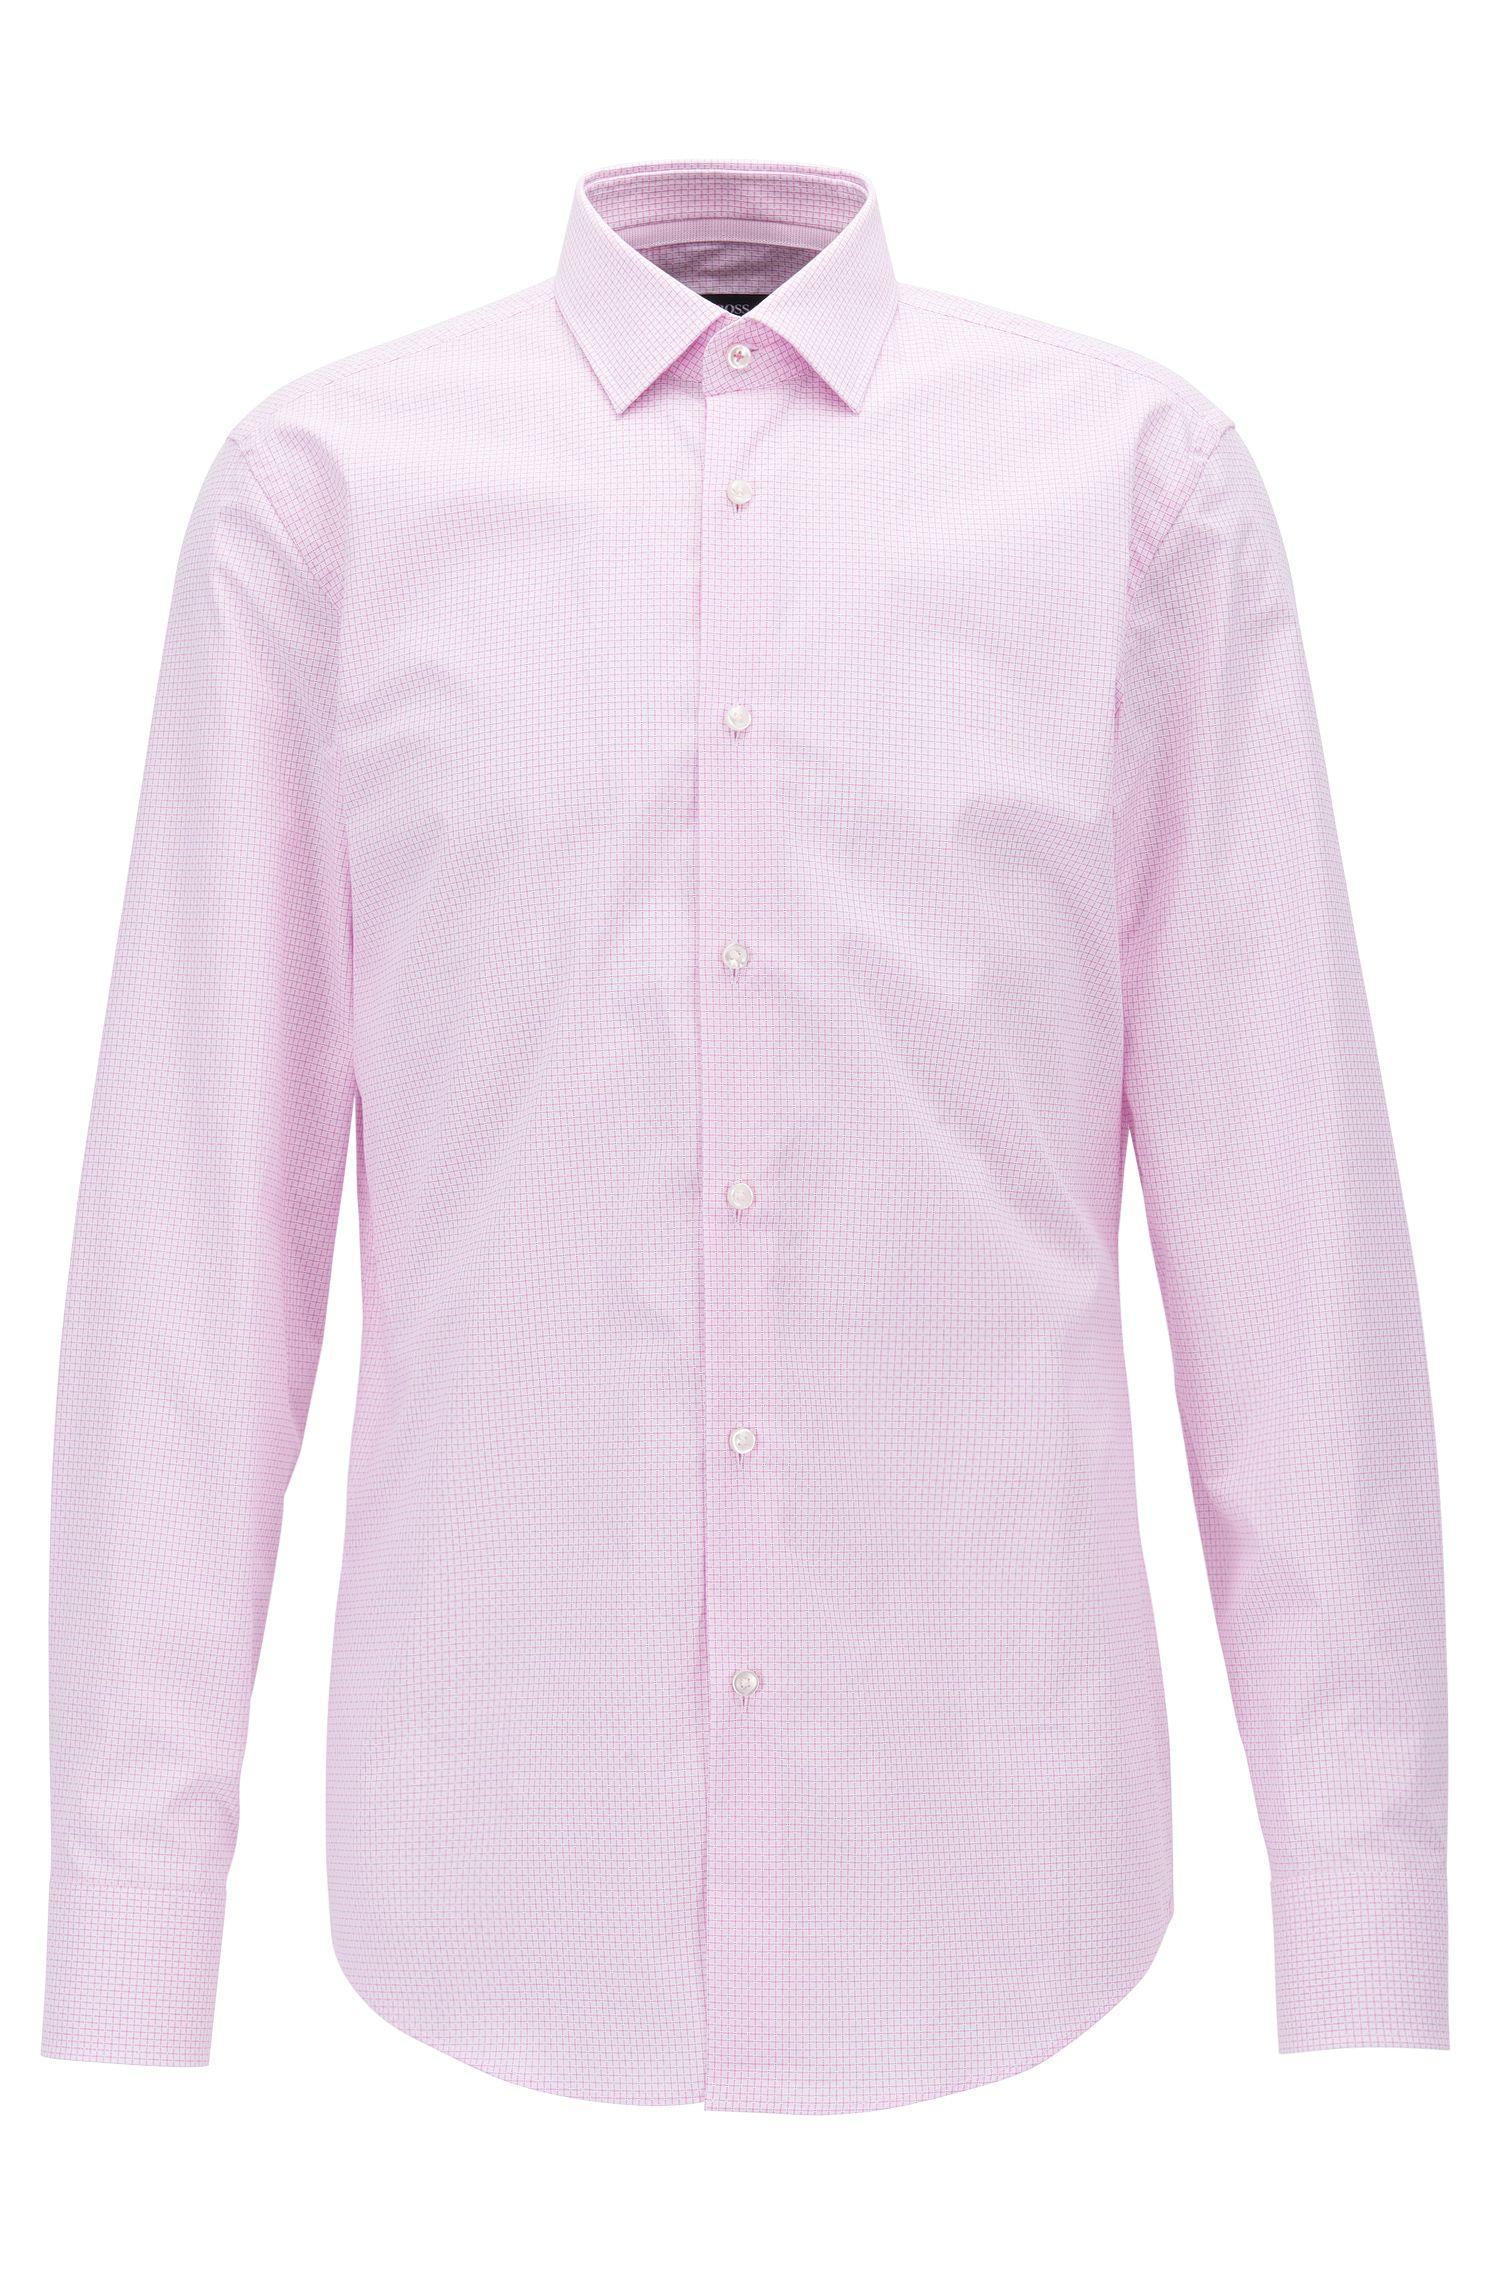 Slim-Fit Hemd aus strukturierter Baumwolle mit Karo-Muster